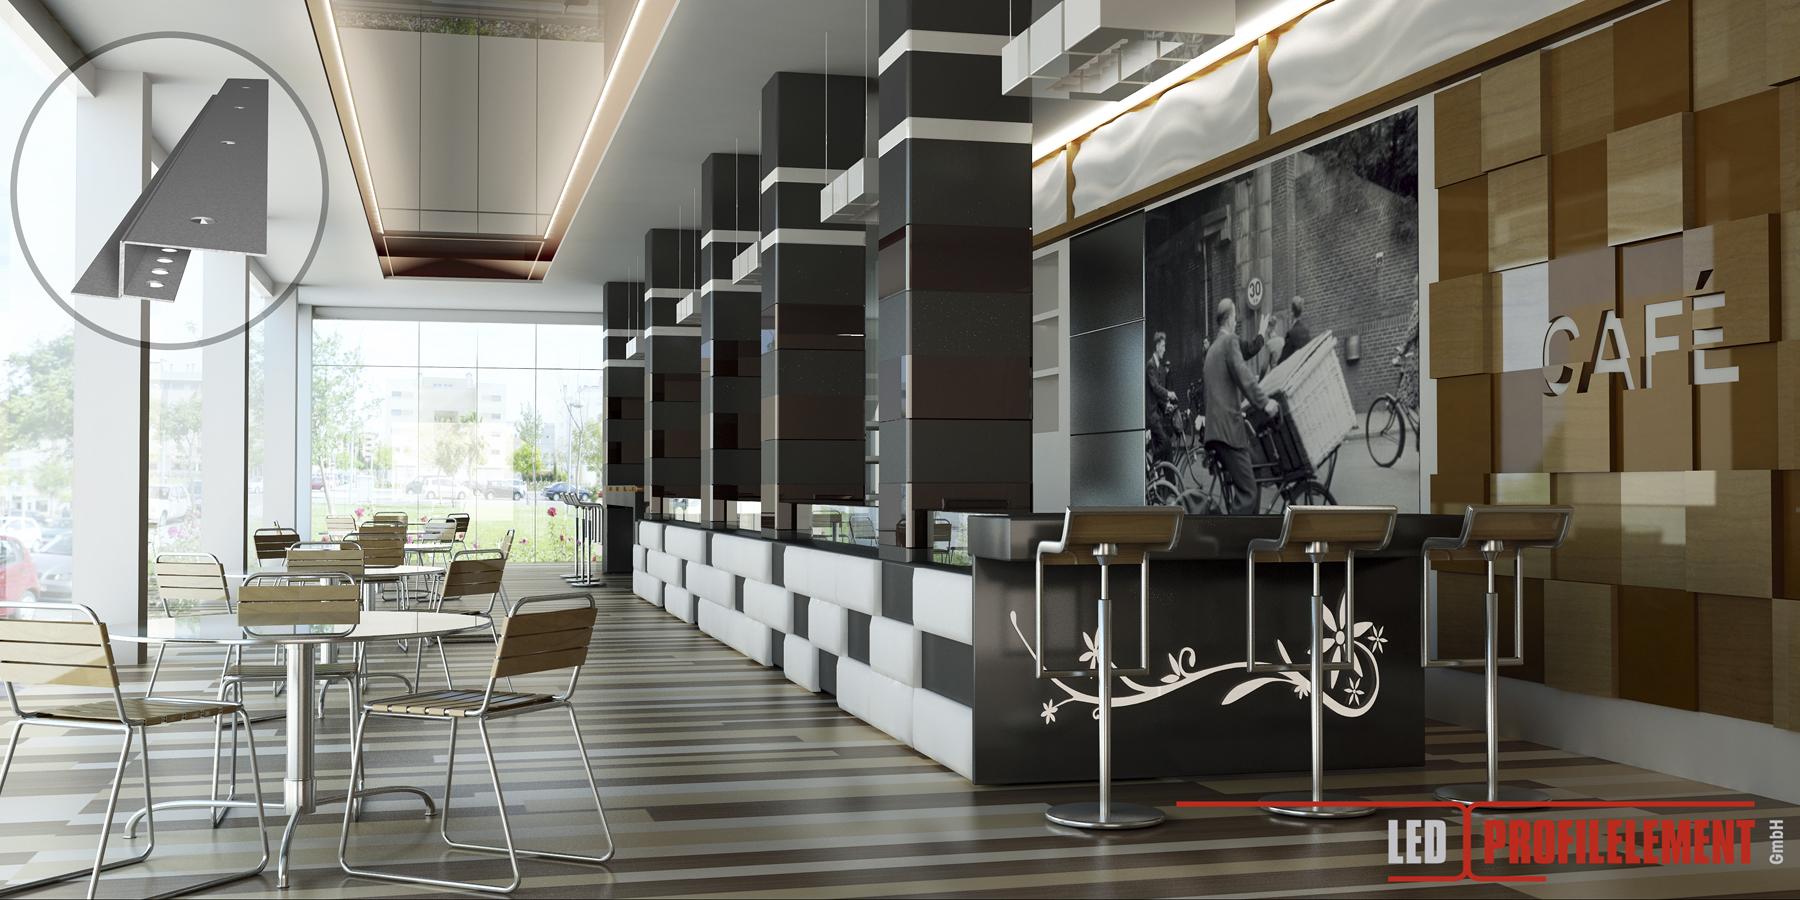 Lichtdesign mit LED Beleuchtungslösungen für Decke, Wände, Böden ...